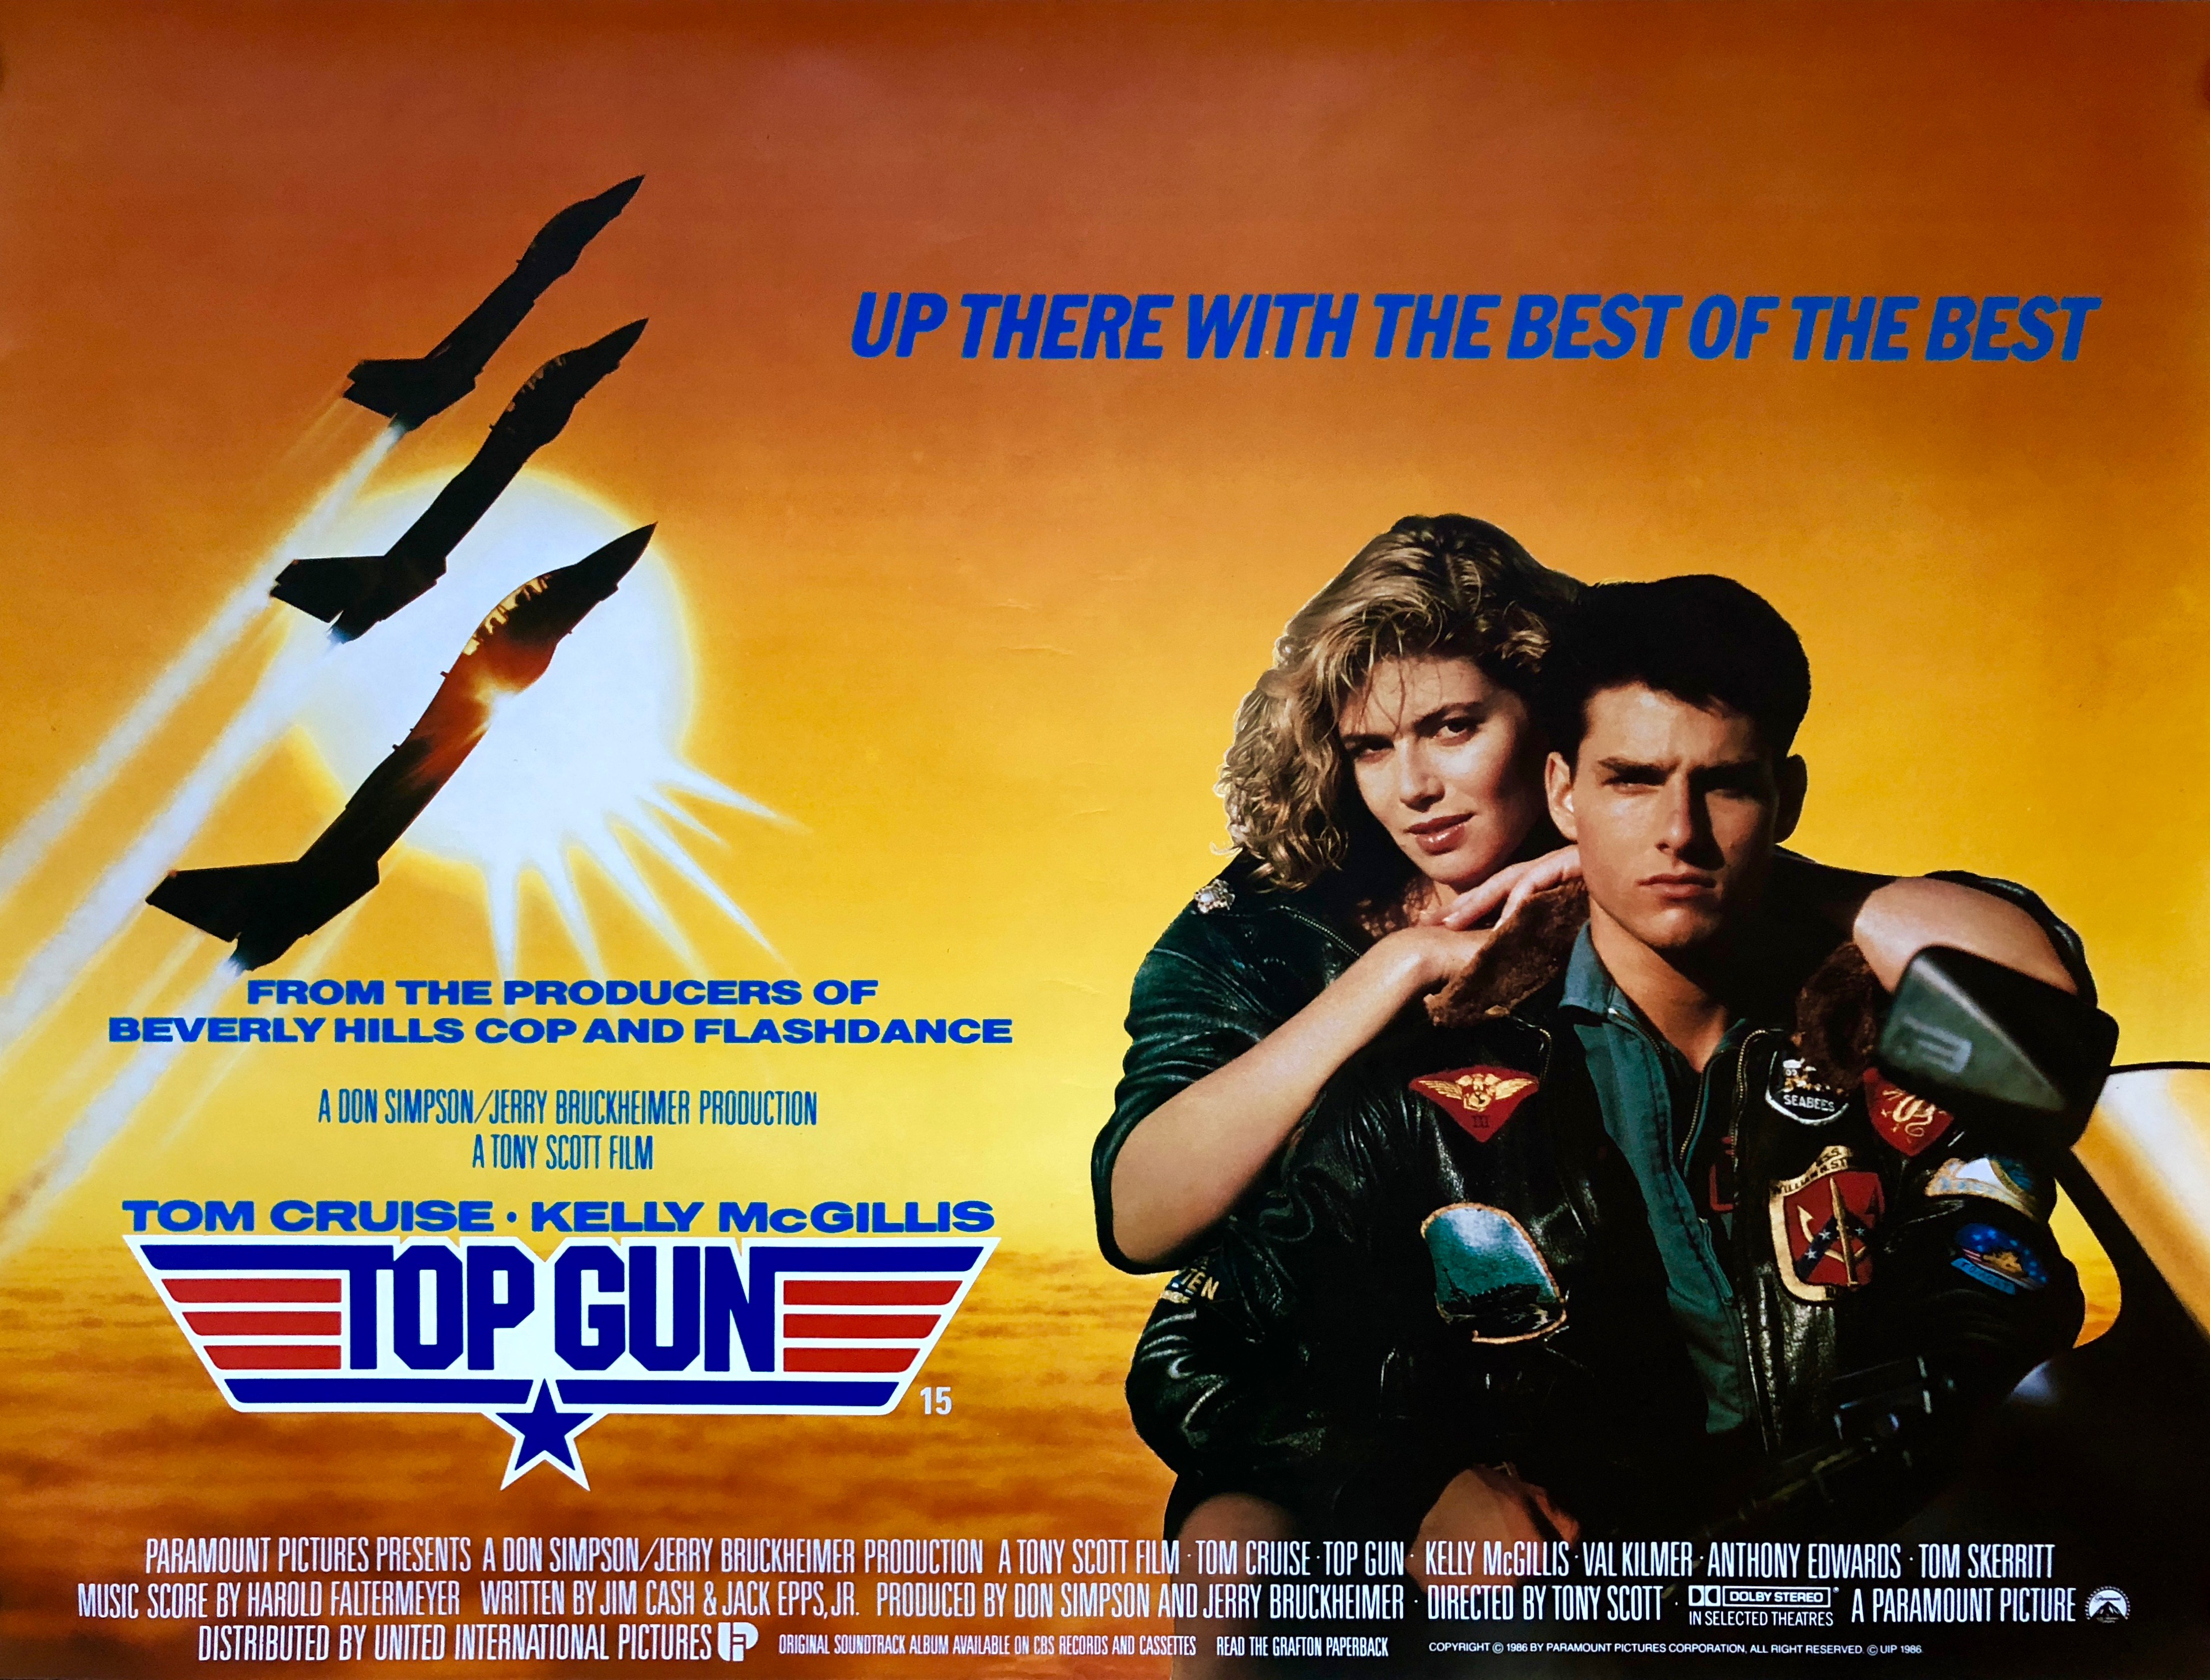 Original Top Gun Movie Poster - Tom Cruise - Kelly McGillis - Meg Ryan